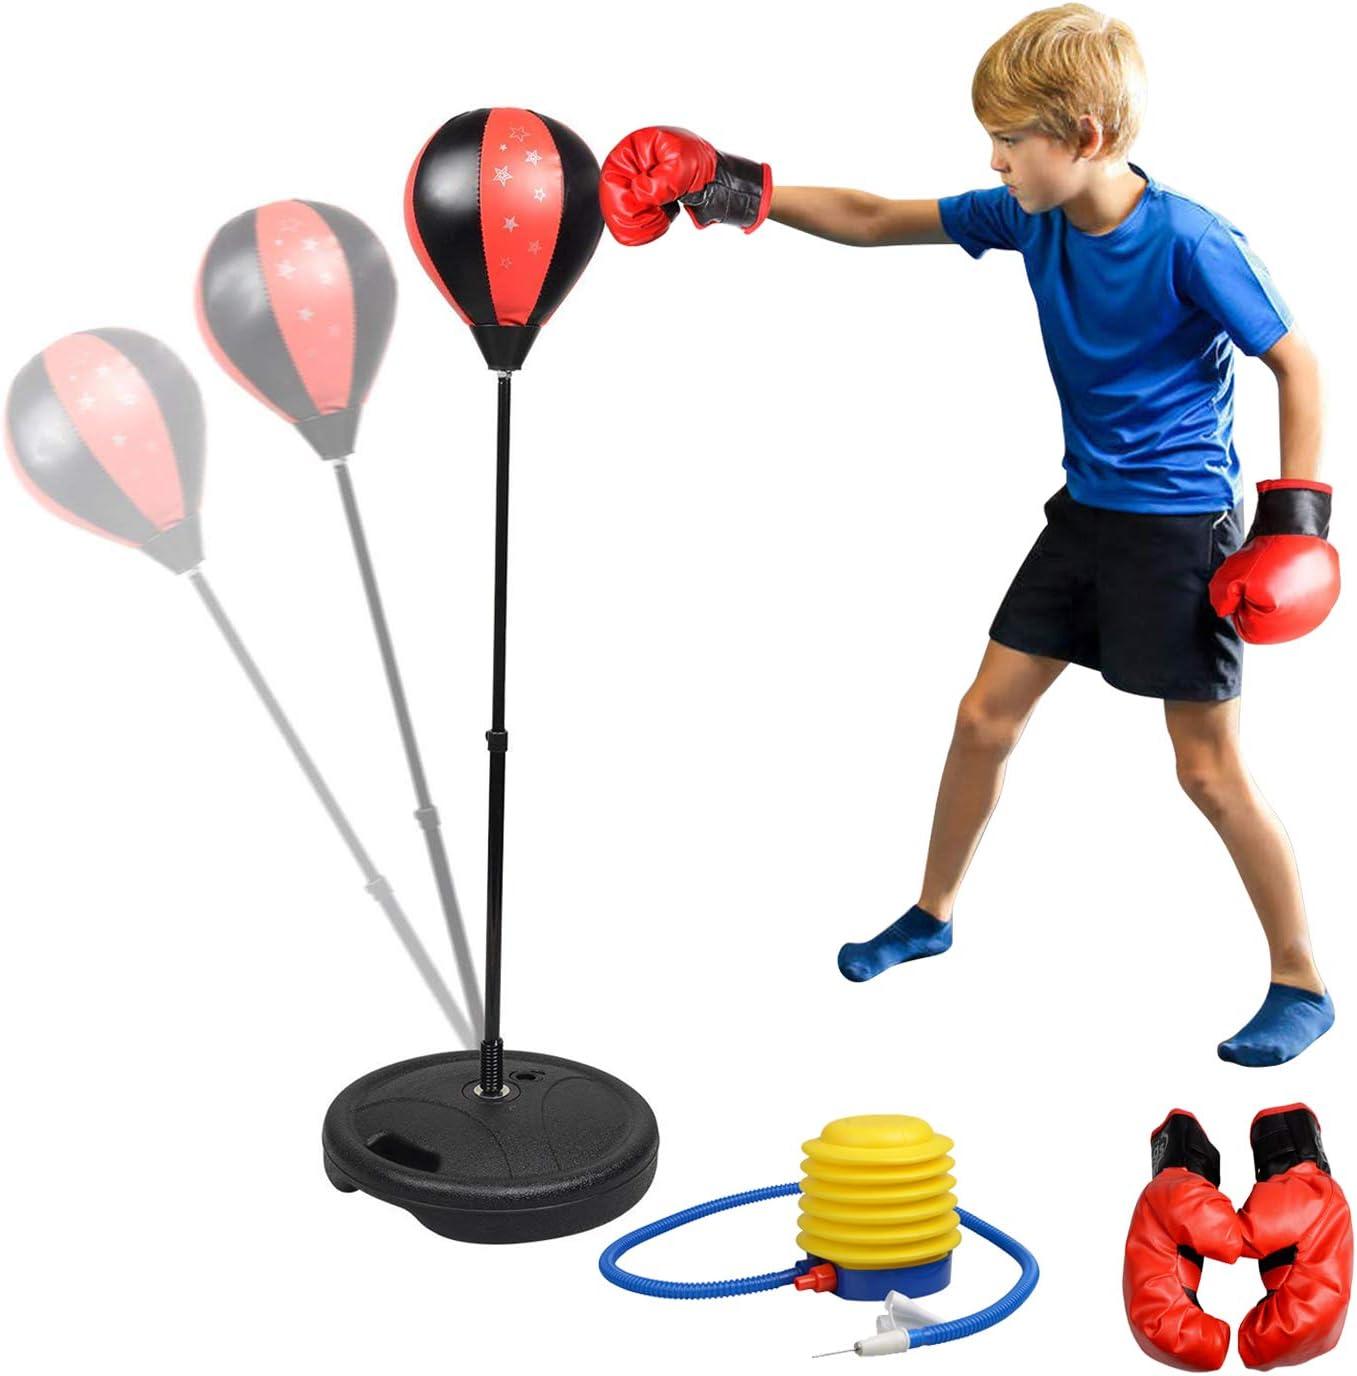 Set de Boxeo para Ni/ños Bola de Velocidad Saco de Boxeo de Pie Boxeo Pelota con Guantes y Bomba Altura Ajustable 70-105 cm Rellenar con Agua o Arena para Ni/ños y Adolescentes EBTOOLS Punching Ball